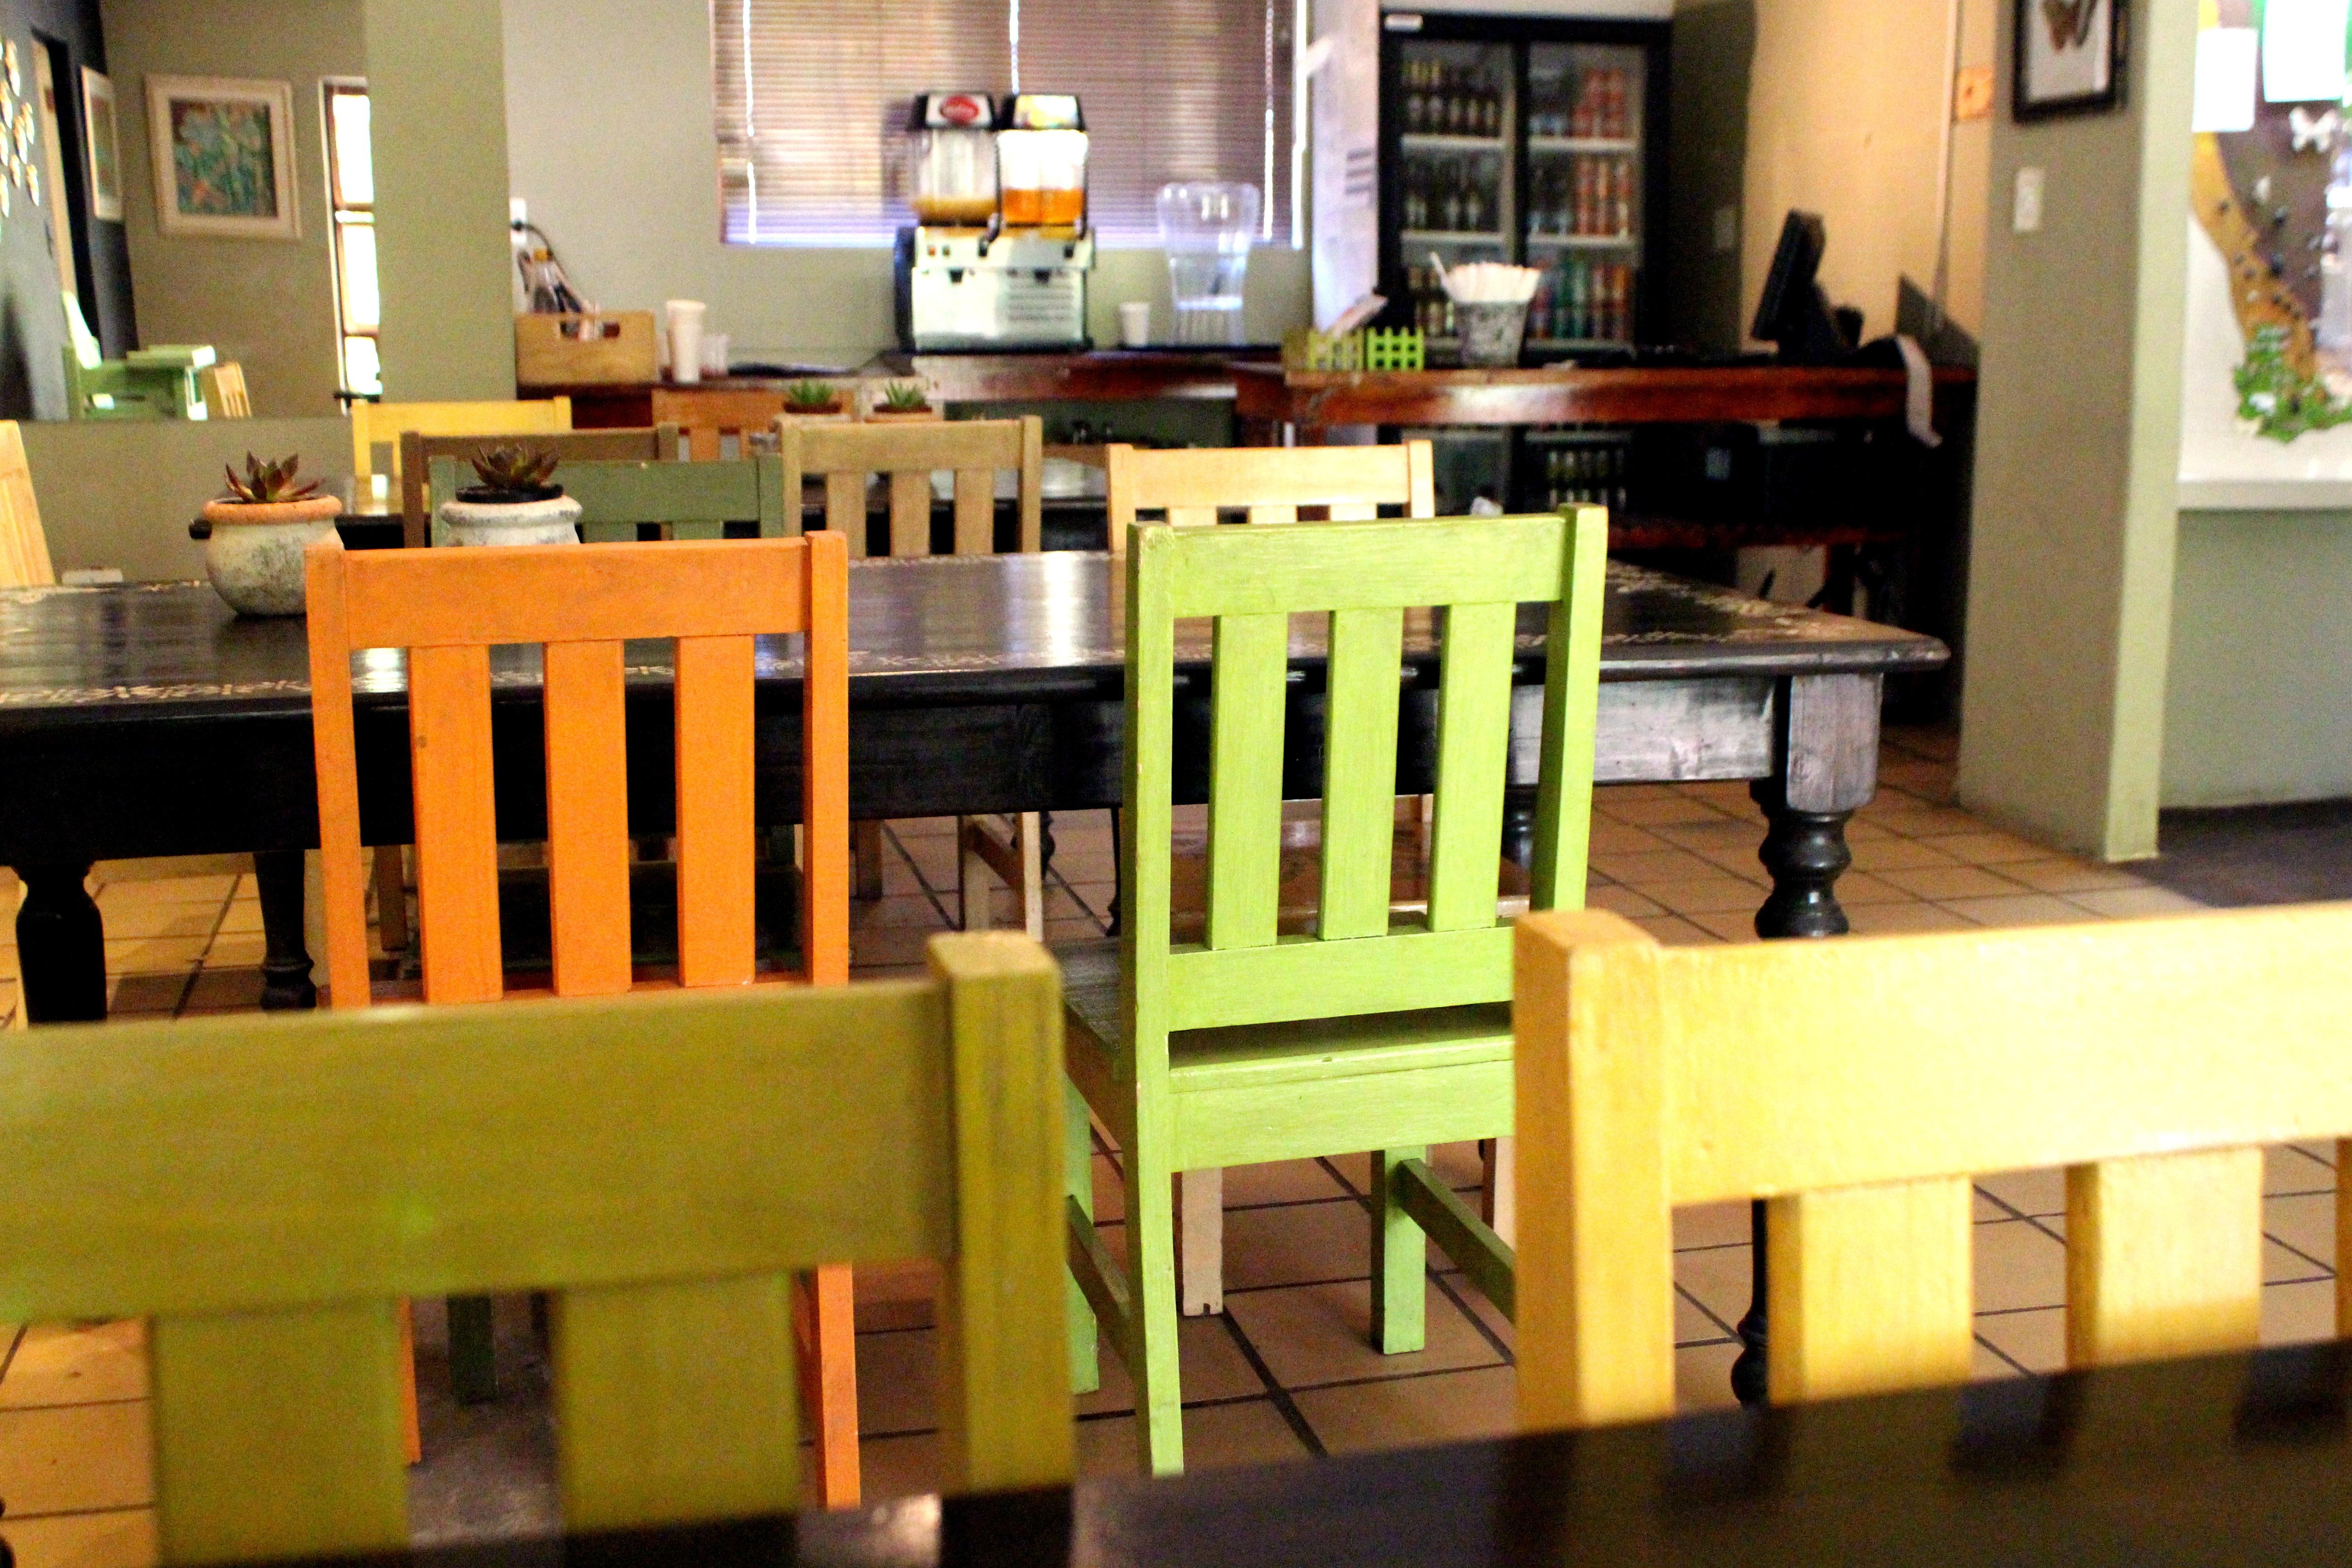 Images Gratuites Caf Bois Restaurant Maison Orange Repas  # Meuble Bois Colore